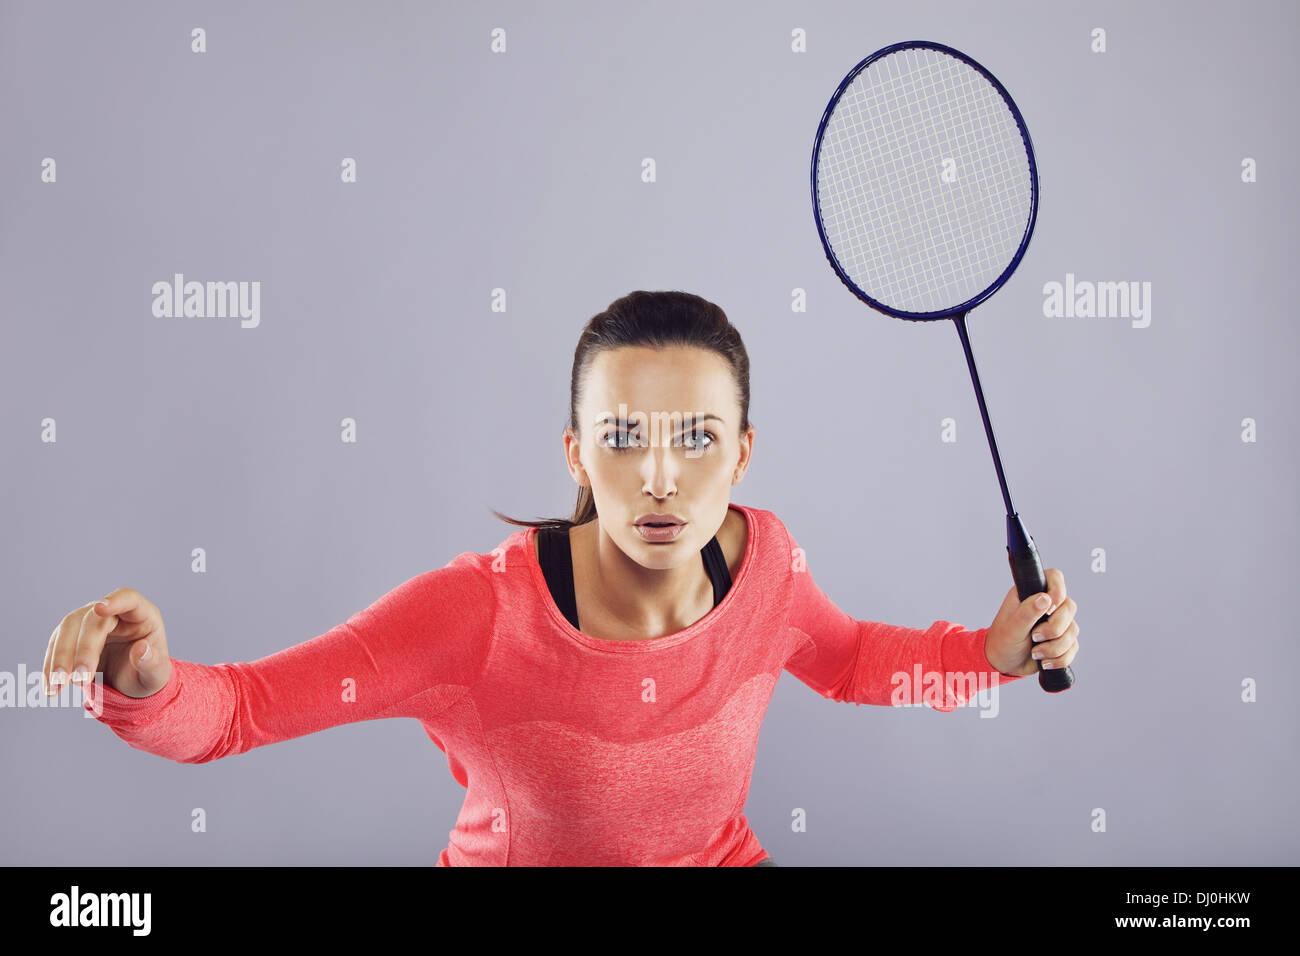 ddd551f0e7541e Porträt der jungen Sport Frau spielt Badminton vor grauem Hintergrund.  Passen Sie Sportler Badminton spielen.